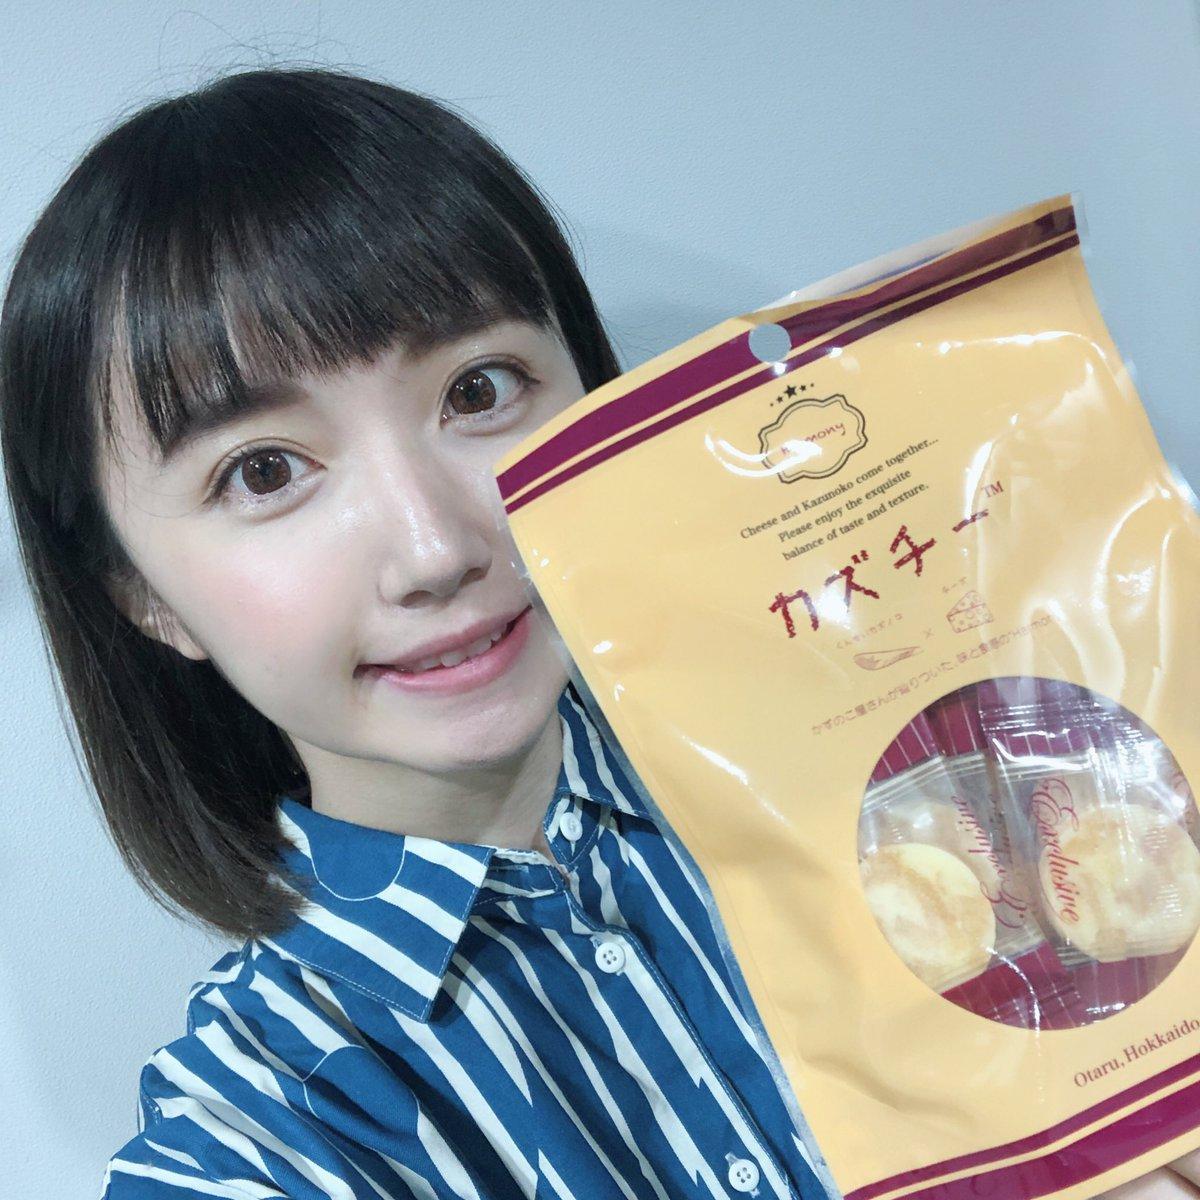 小野塚愛美's photo on #dempatfm